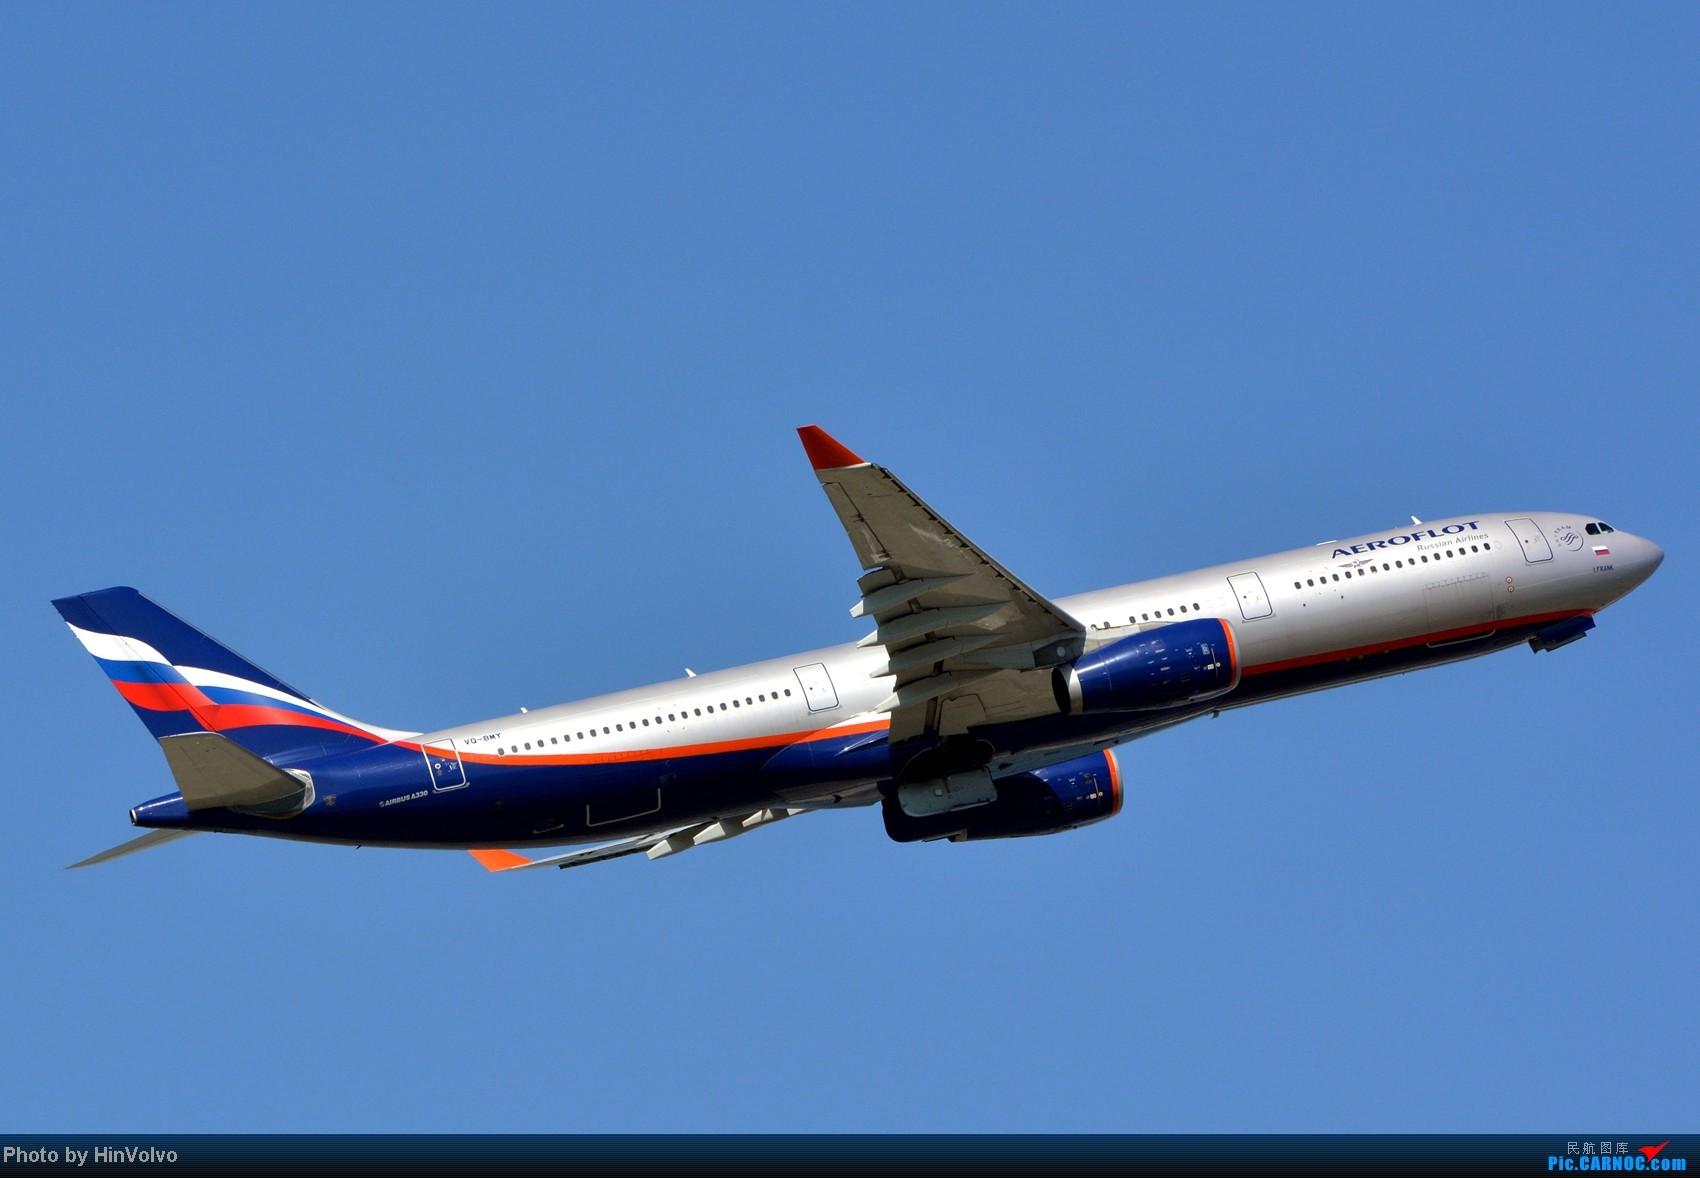 Re:[原创]~~~~多圖系列~~~HKG,早上好!寒冷的天氣出發前往機場拍到中午。 AIRBUS A330-300 VQ-BMY 中国香港赤鱲角机场